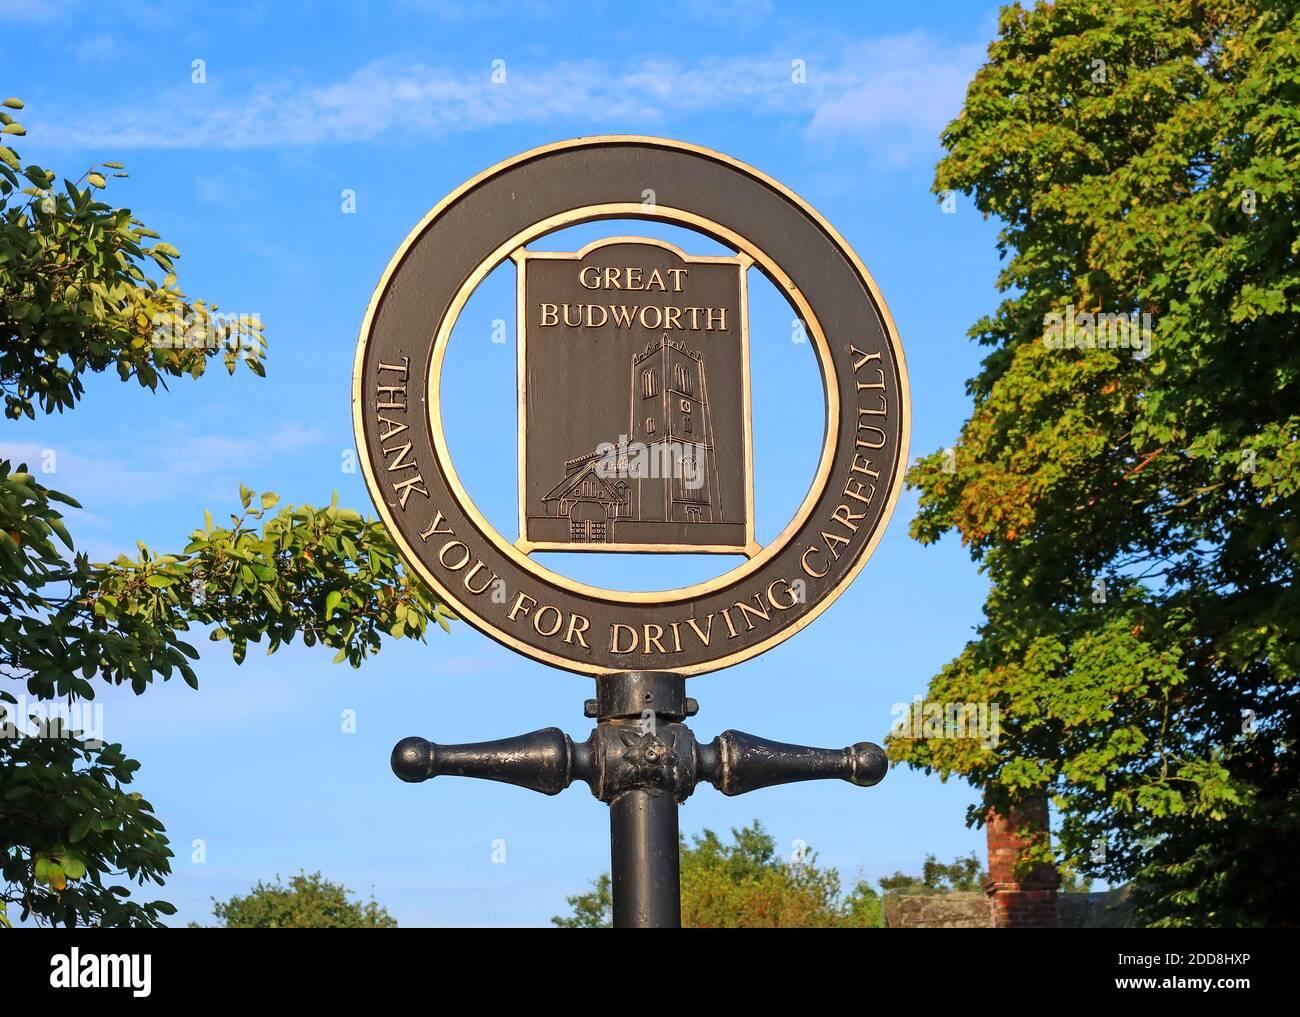 Dieses Stockfoto: Tolles Budworth, vielen Dank für die sorgfältige Fahrt, Schild, Northwich, Cheshire, England, Großbritannien, CW9 - 2DD8HX